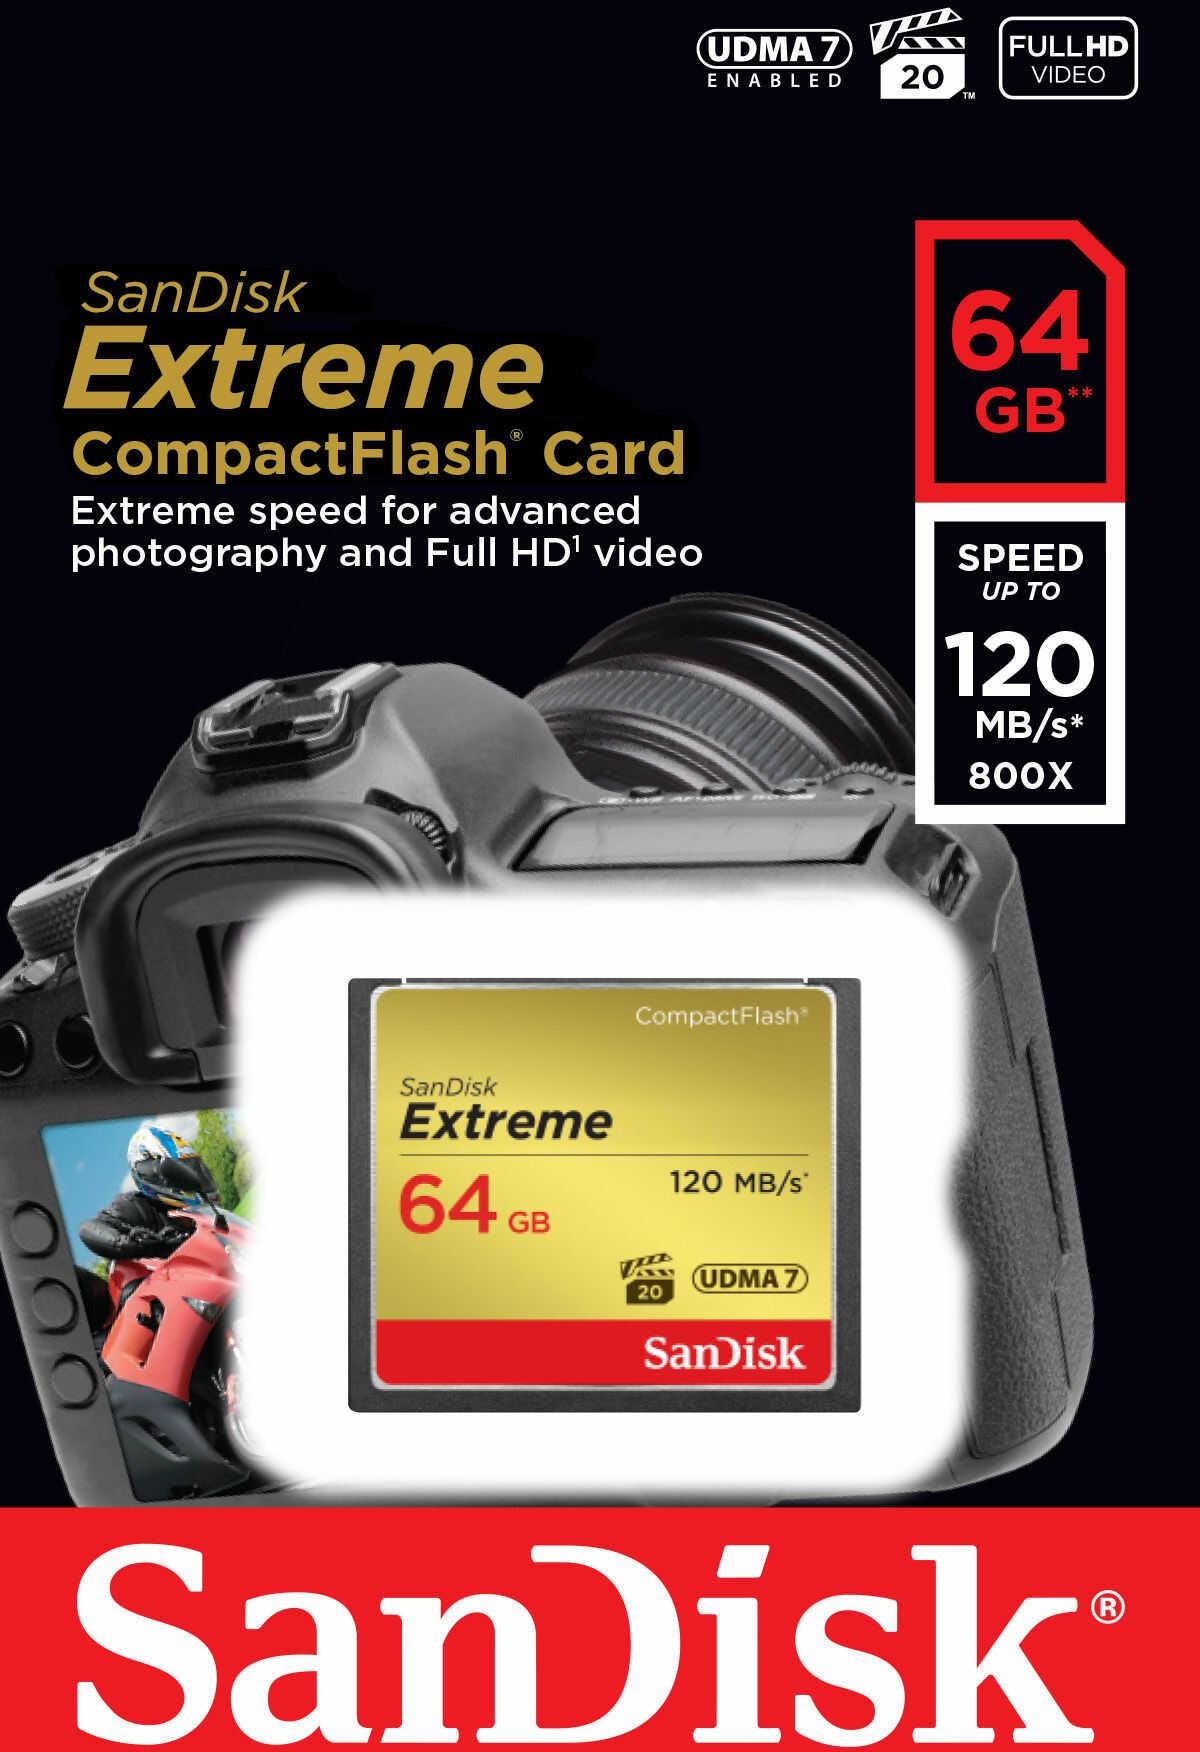 SanDisk SDCFXSB-064G-G46 - KARTA EXTREME CF 64 GB 120/85MB/s SanDisk SDCFXSB-064G-G46 - KARTA EXTREME CF 64 GB 120/85MB/s